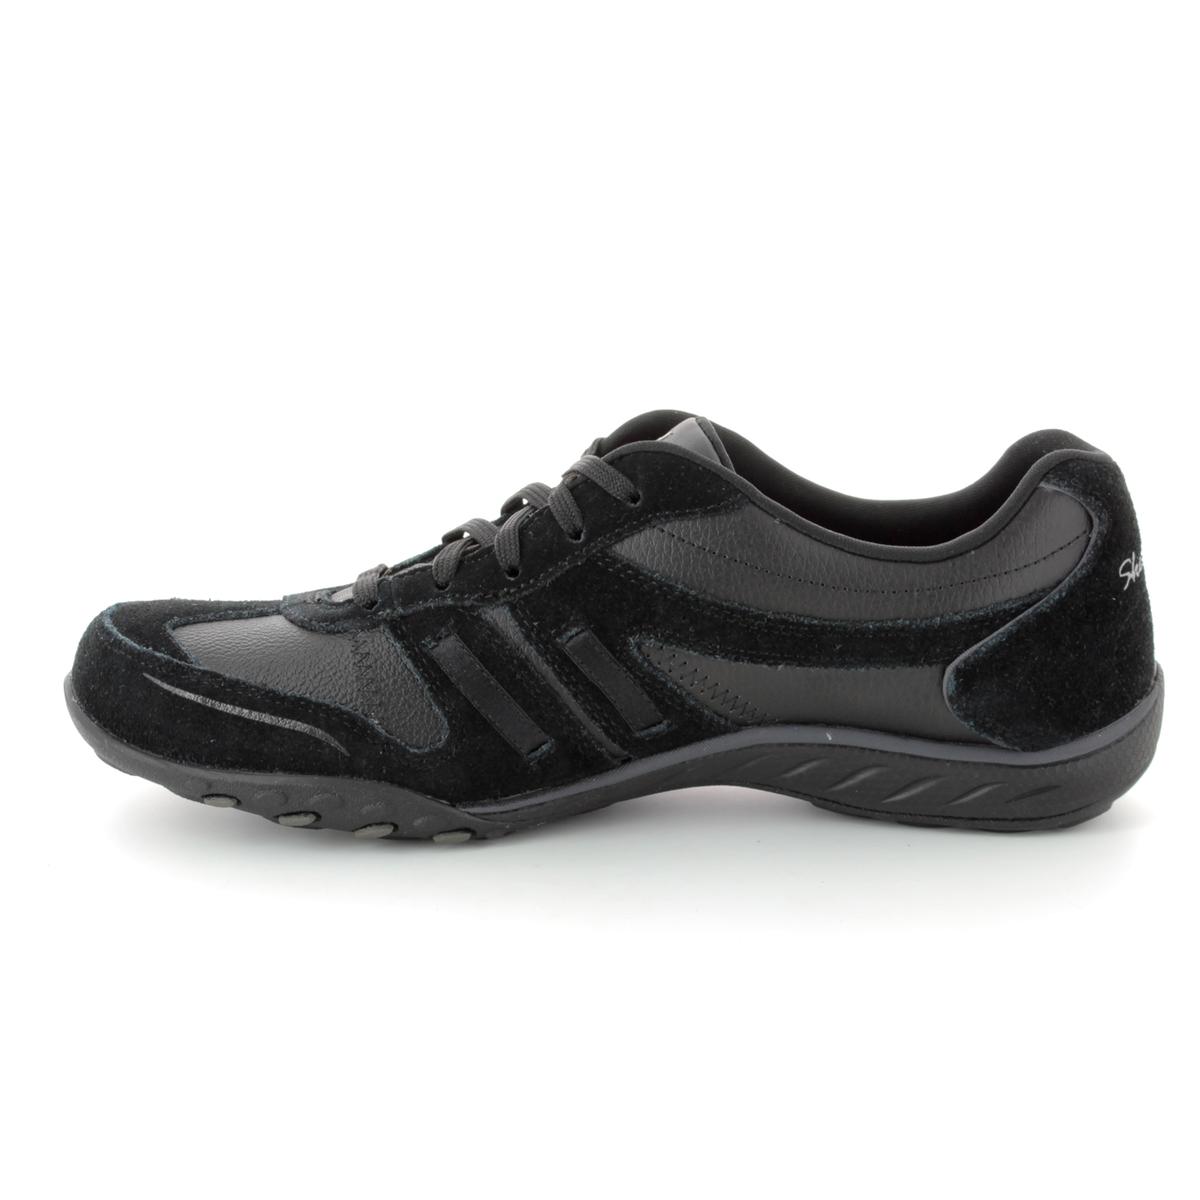 خرید کفش مخصوص پیاده روی زنانه اسکچرز مدل MIRACLE 23013BLK